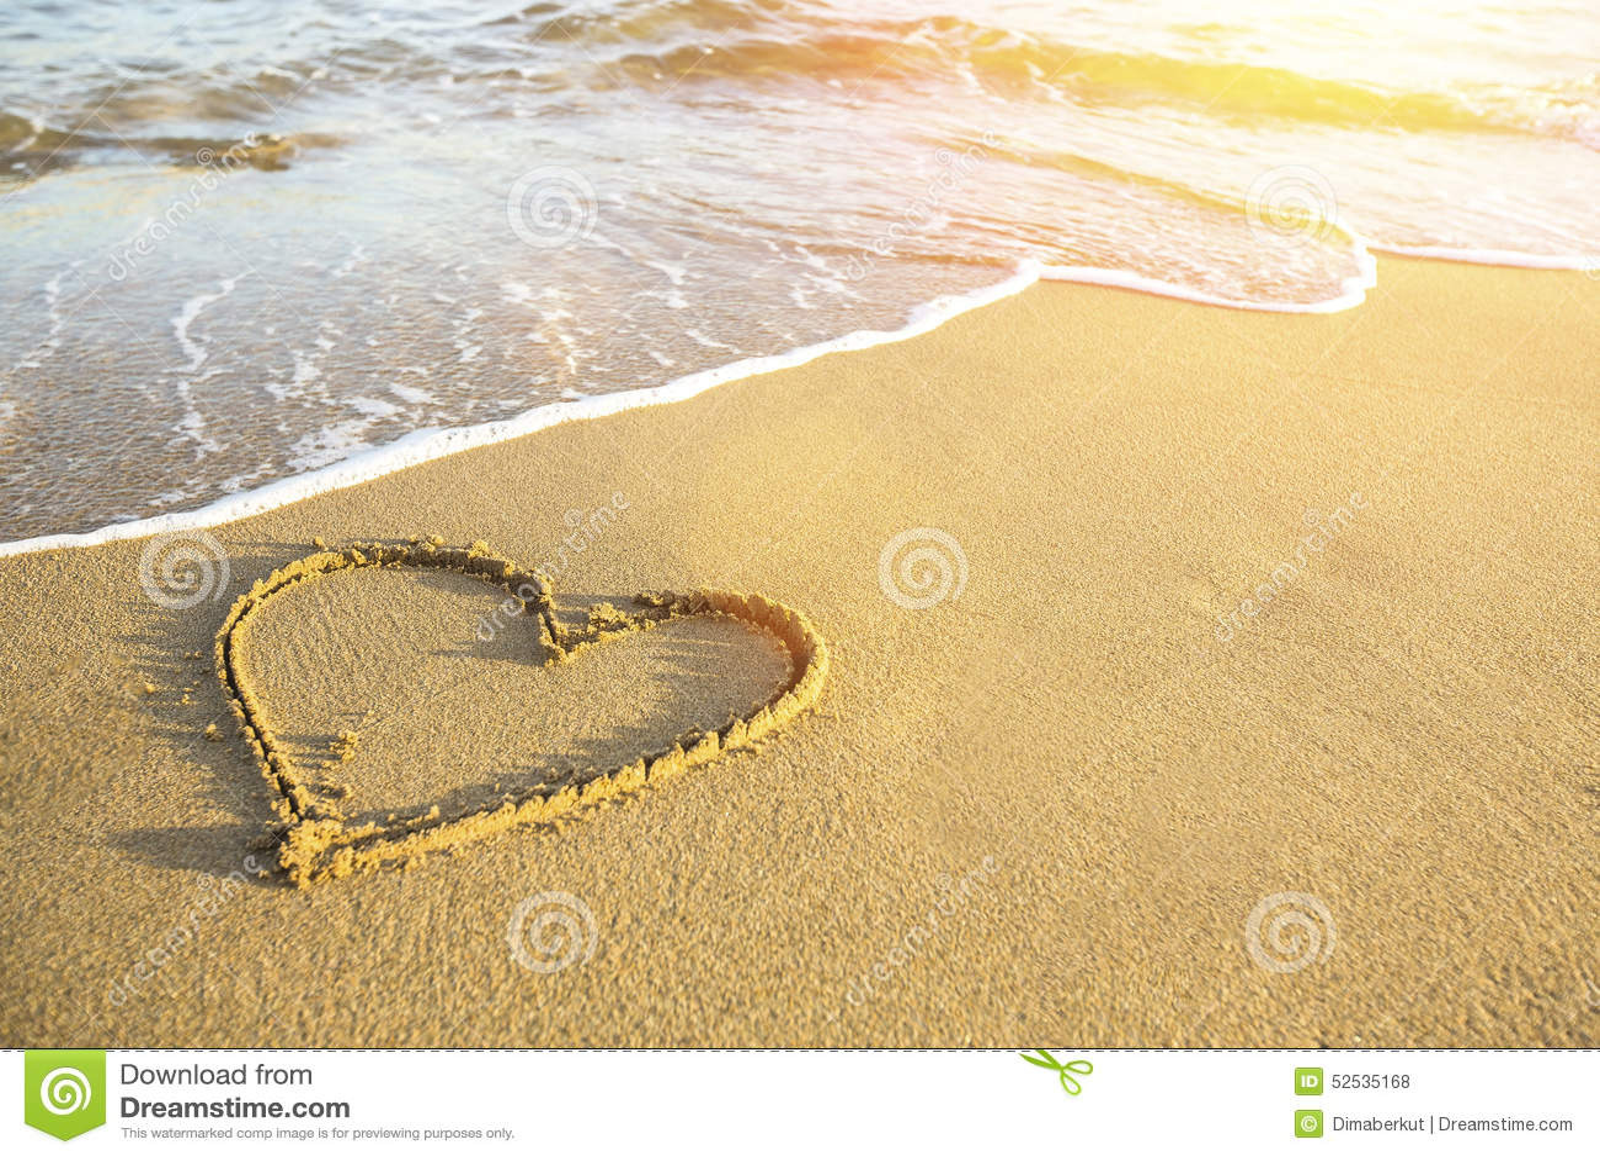 Coraz n dibujado en la arena de una playa del mar foto de for Arena de playa precio